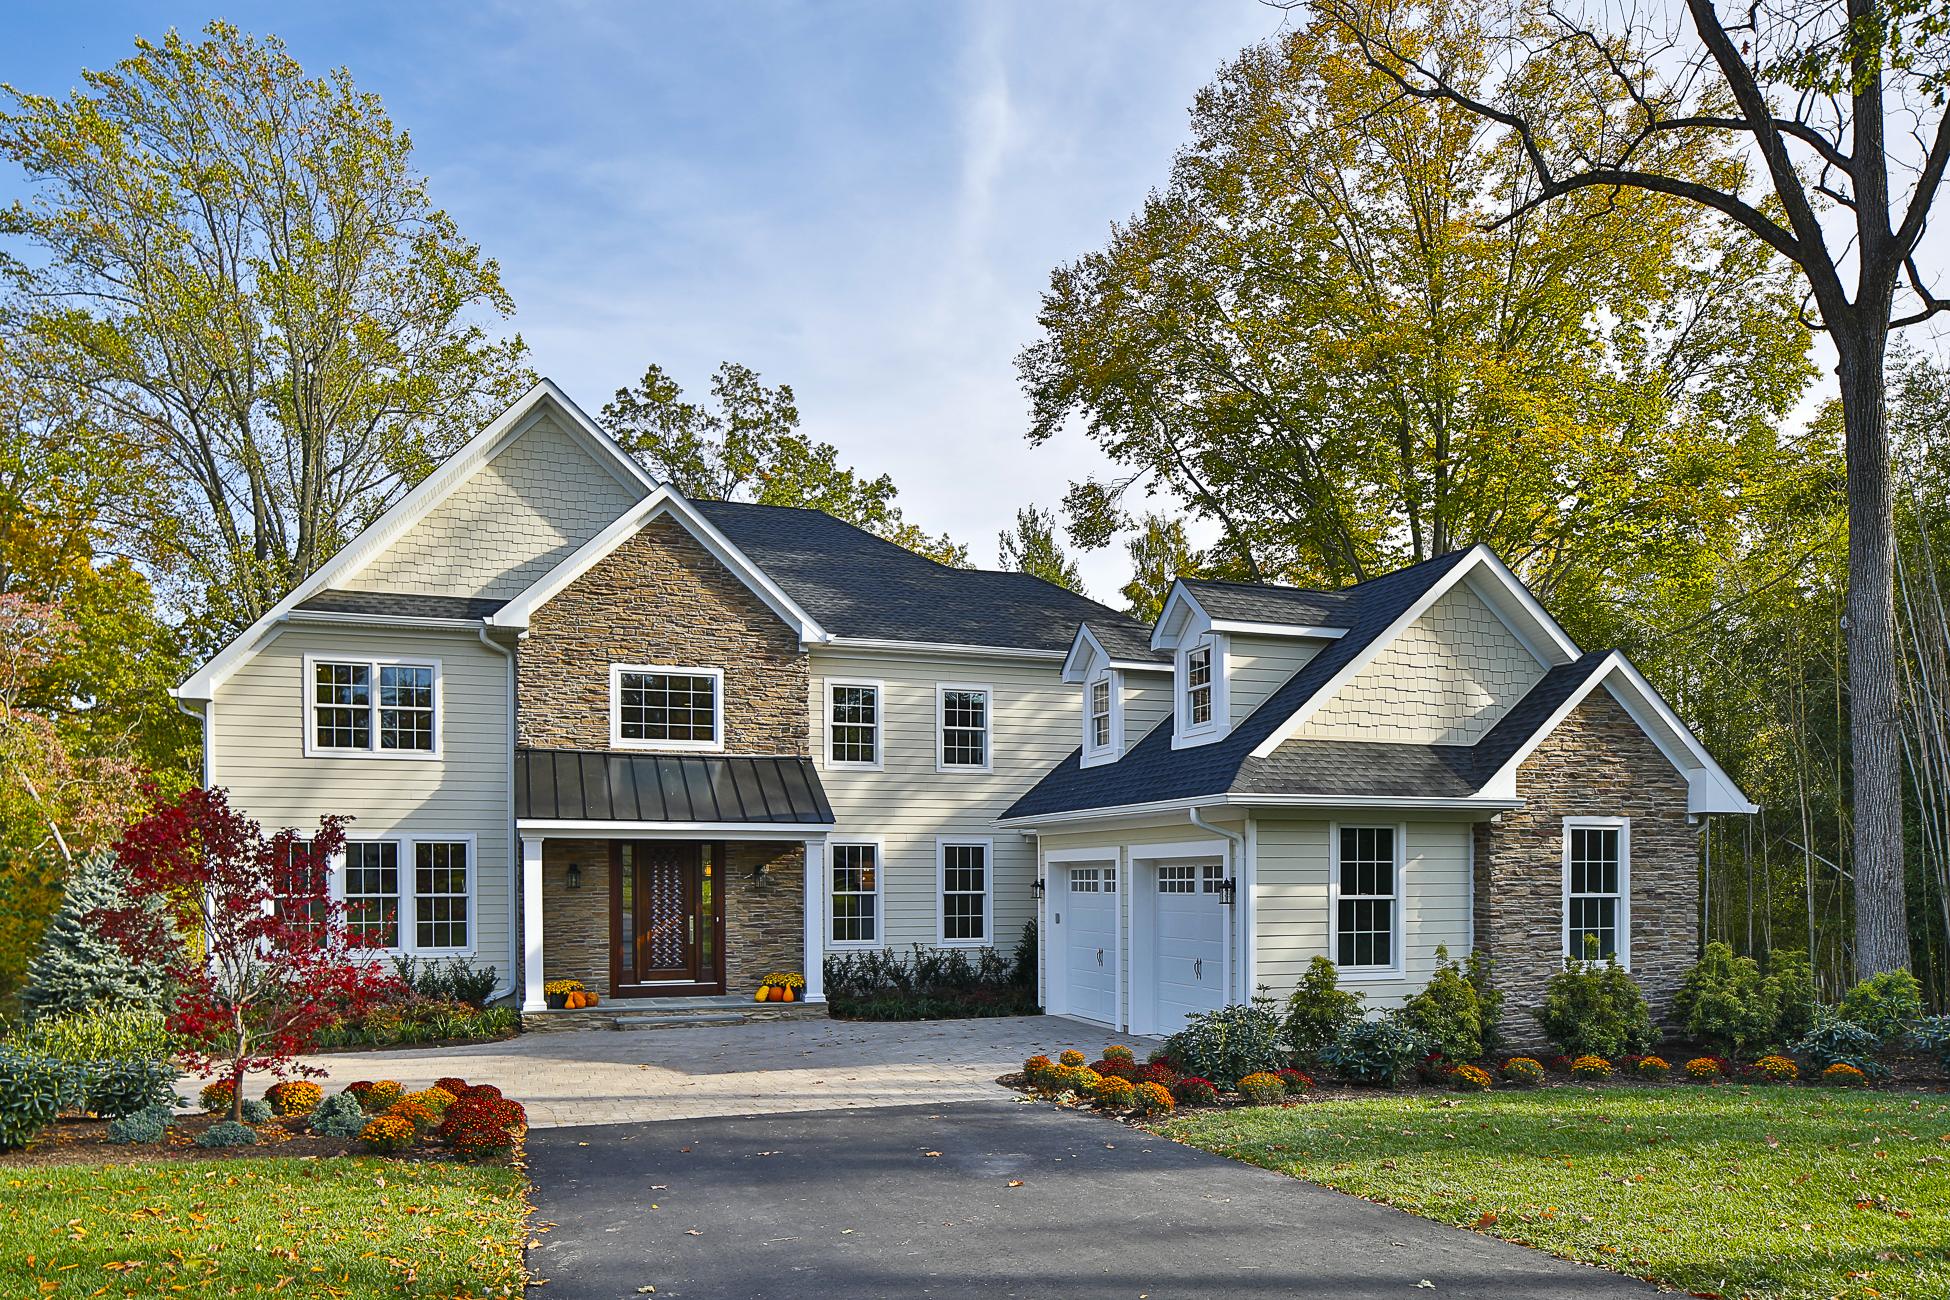 Maison unifamiliale pour l Vente à Gorgeous Details Sing in Impeccable Custom Home 223 Snowden Lane Princeton, New Jersey 08540 États-Unis